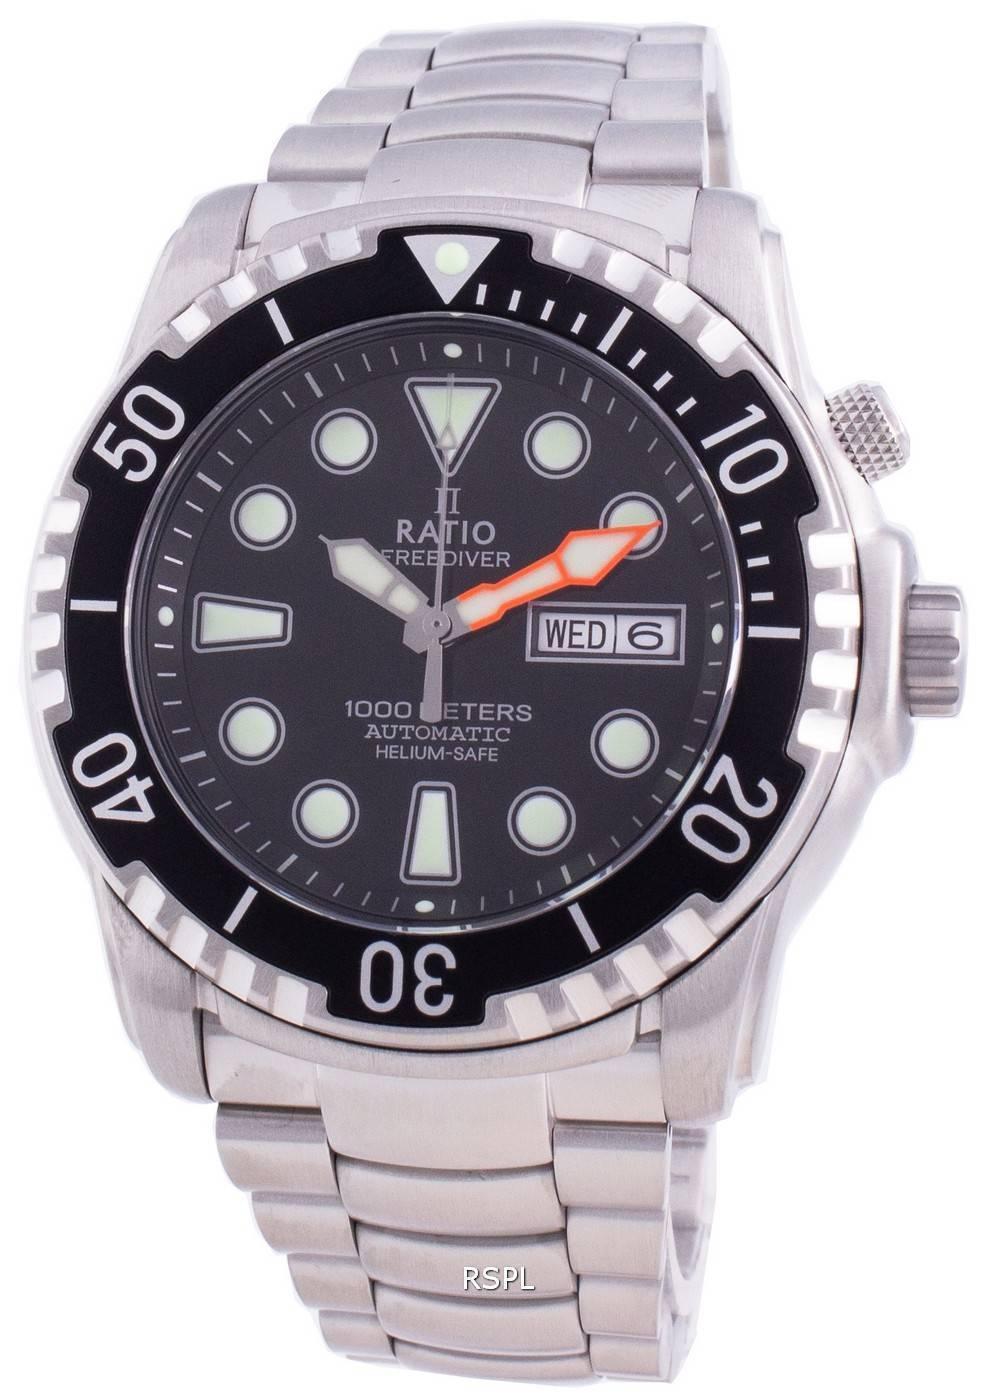 Ratio Free Diver Helium-Safe 1000M Sapphire Automatic 1068HA96-34VA-BLK Men's Watch